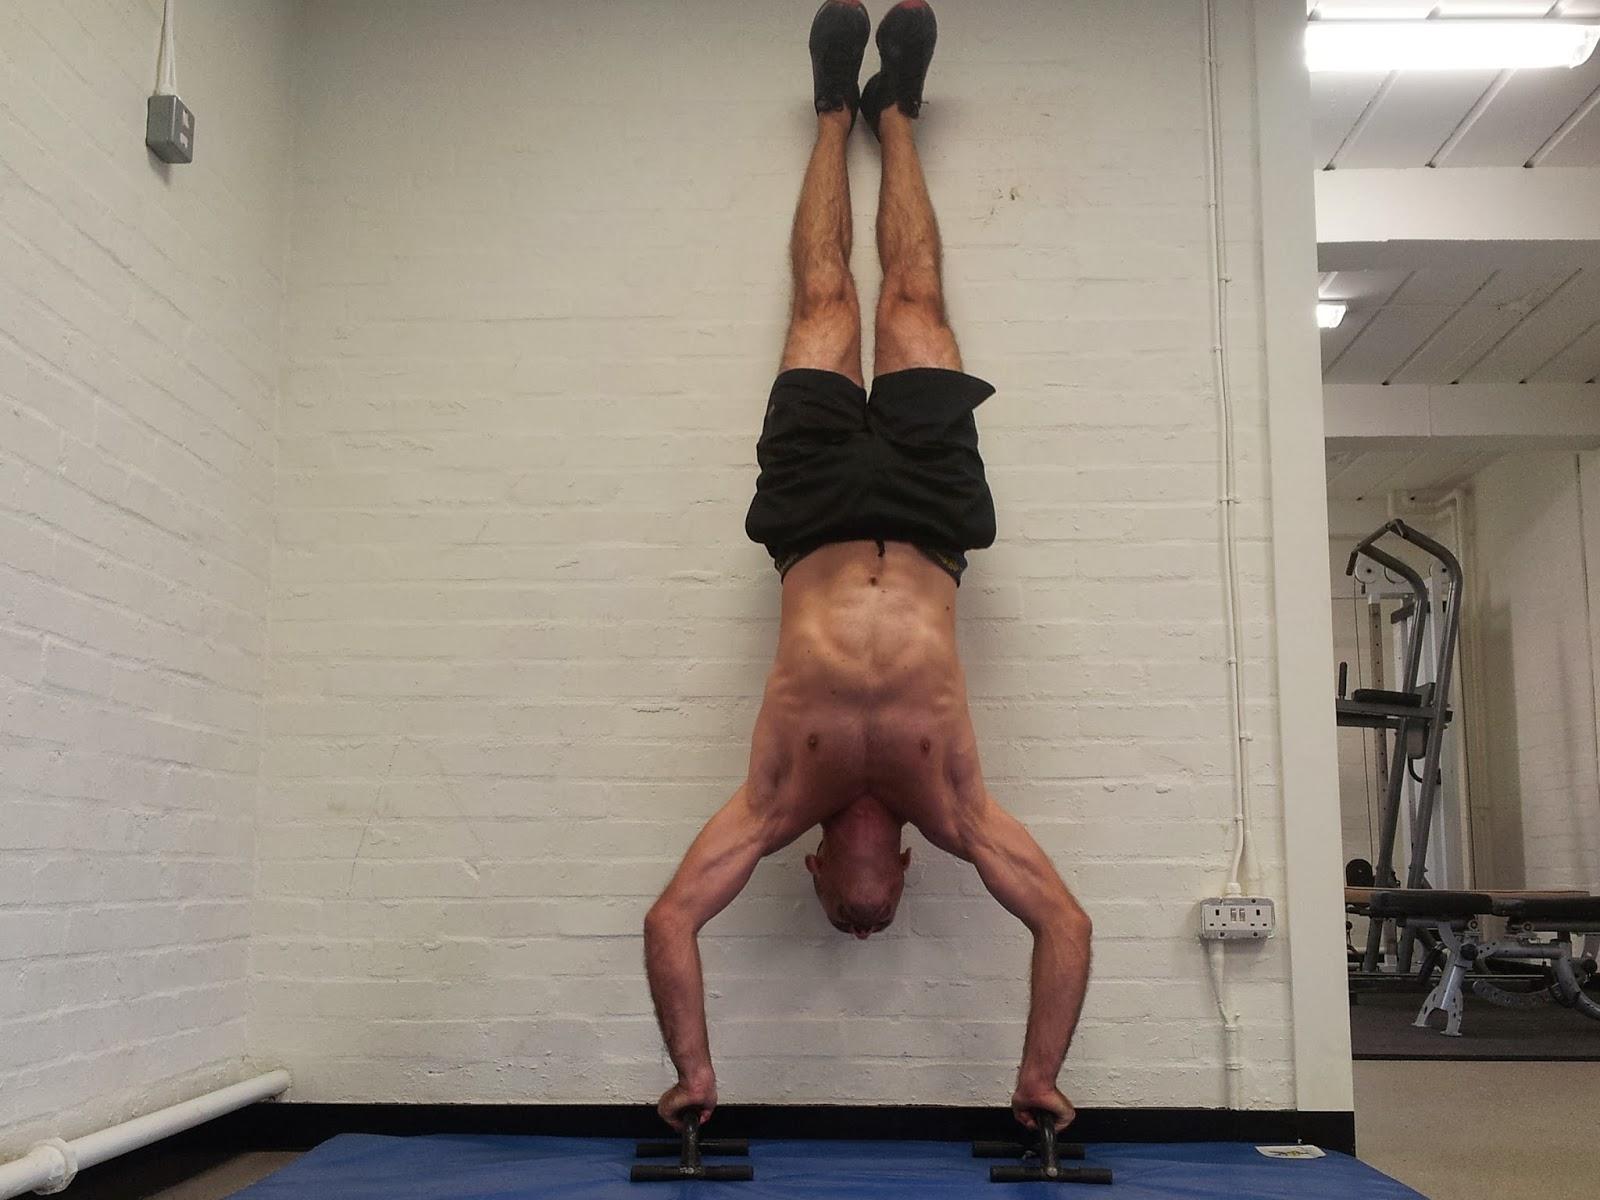 Start Bodyweight Training: Handstand - 204.7KB